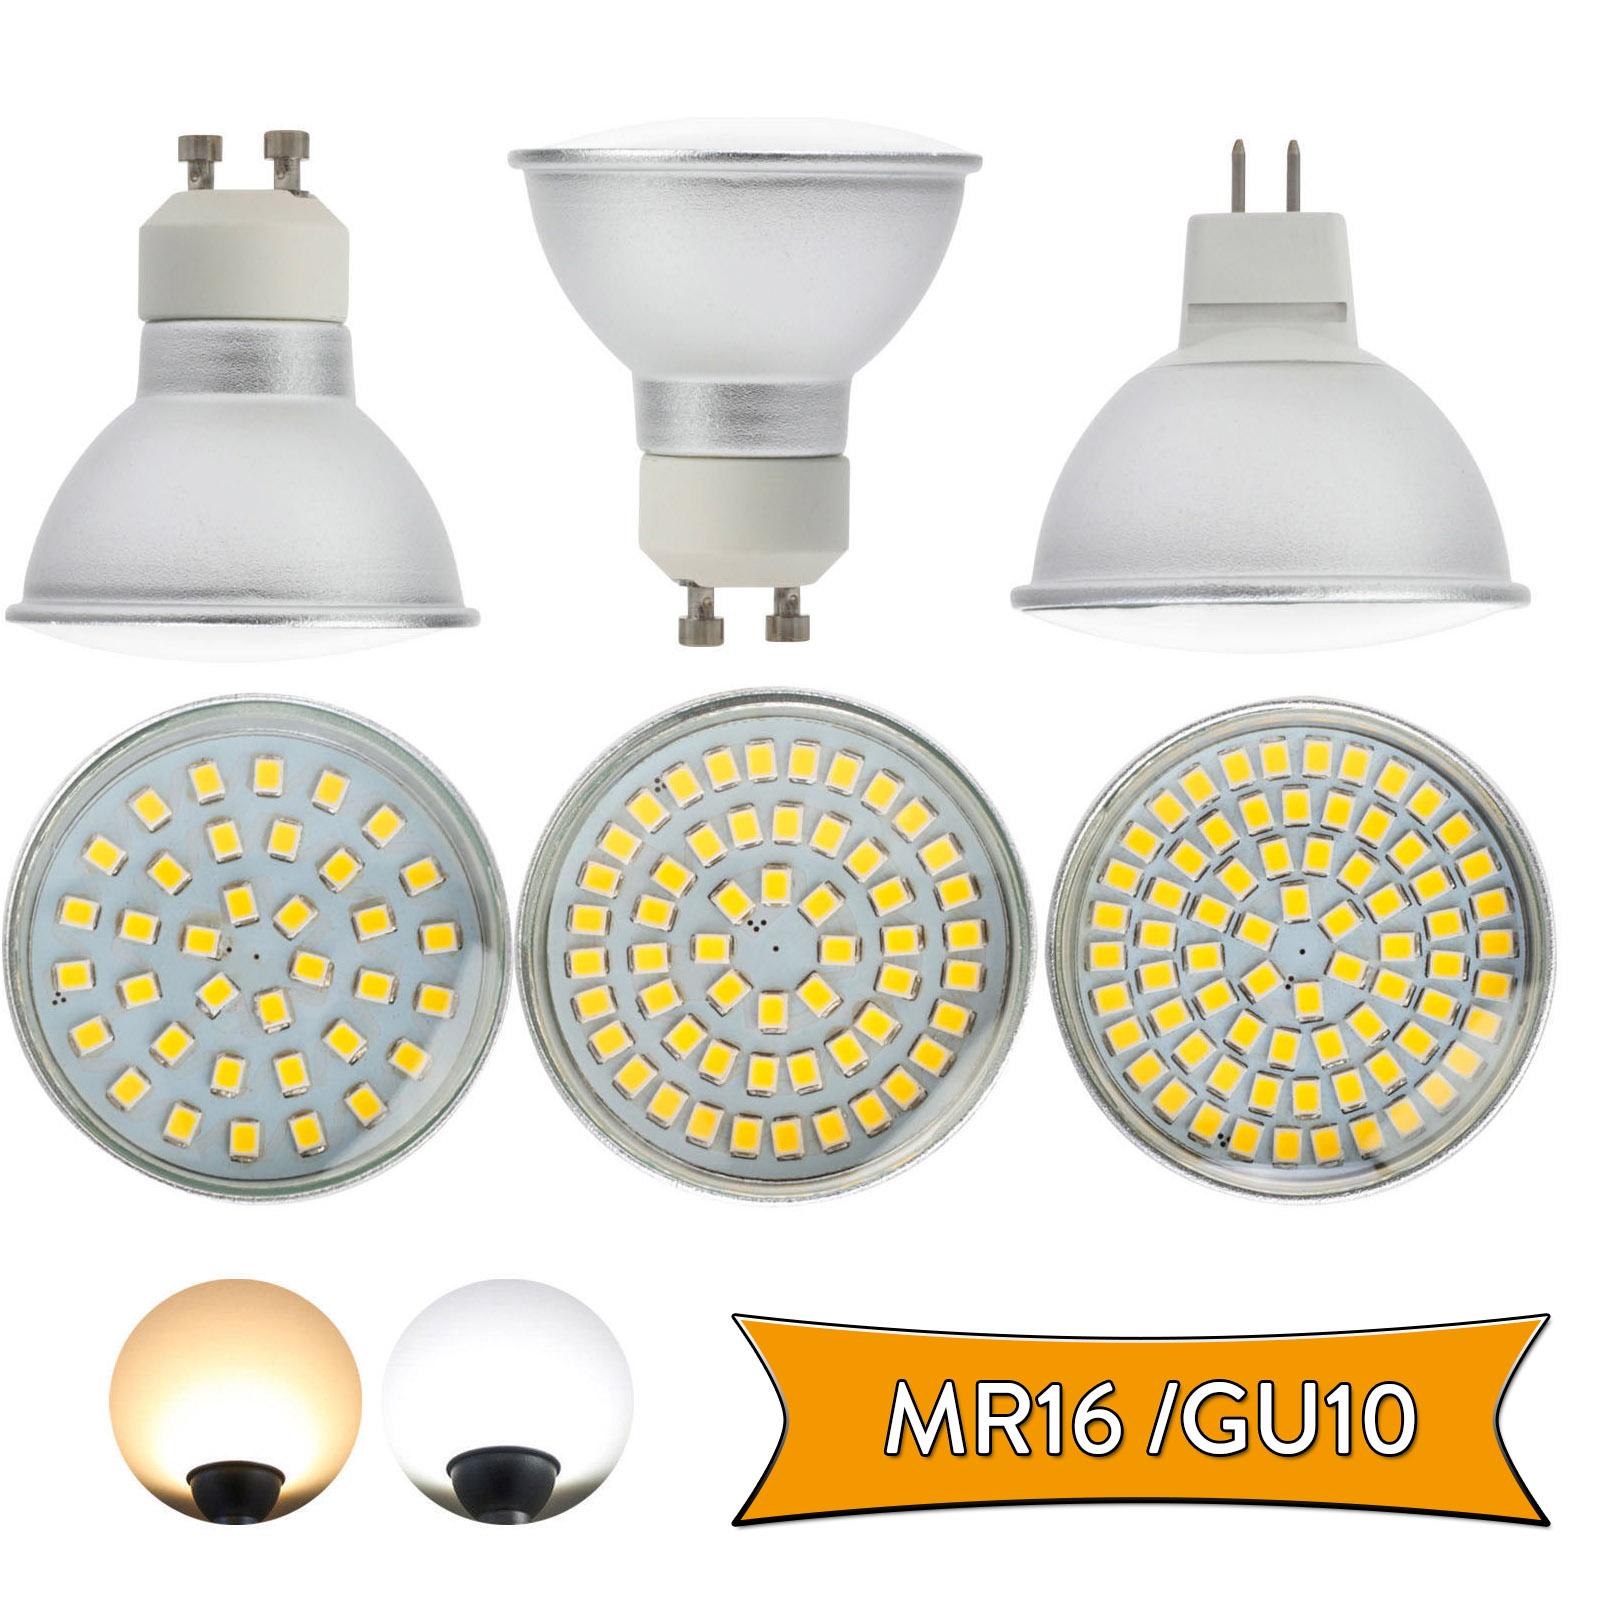 GU10 LED Spot Light Bulbs Glass MR16 4W 6W 8W 3528 SMD 110V 220V DC 12V Lamp